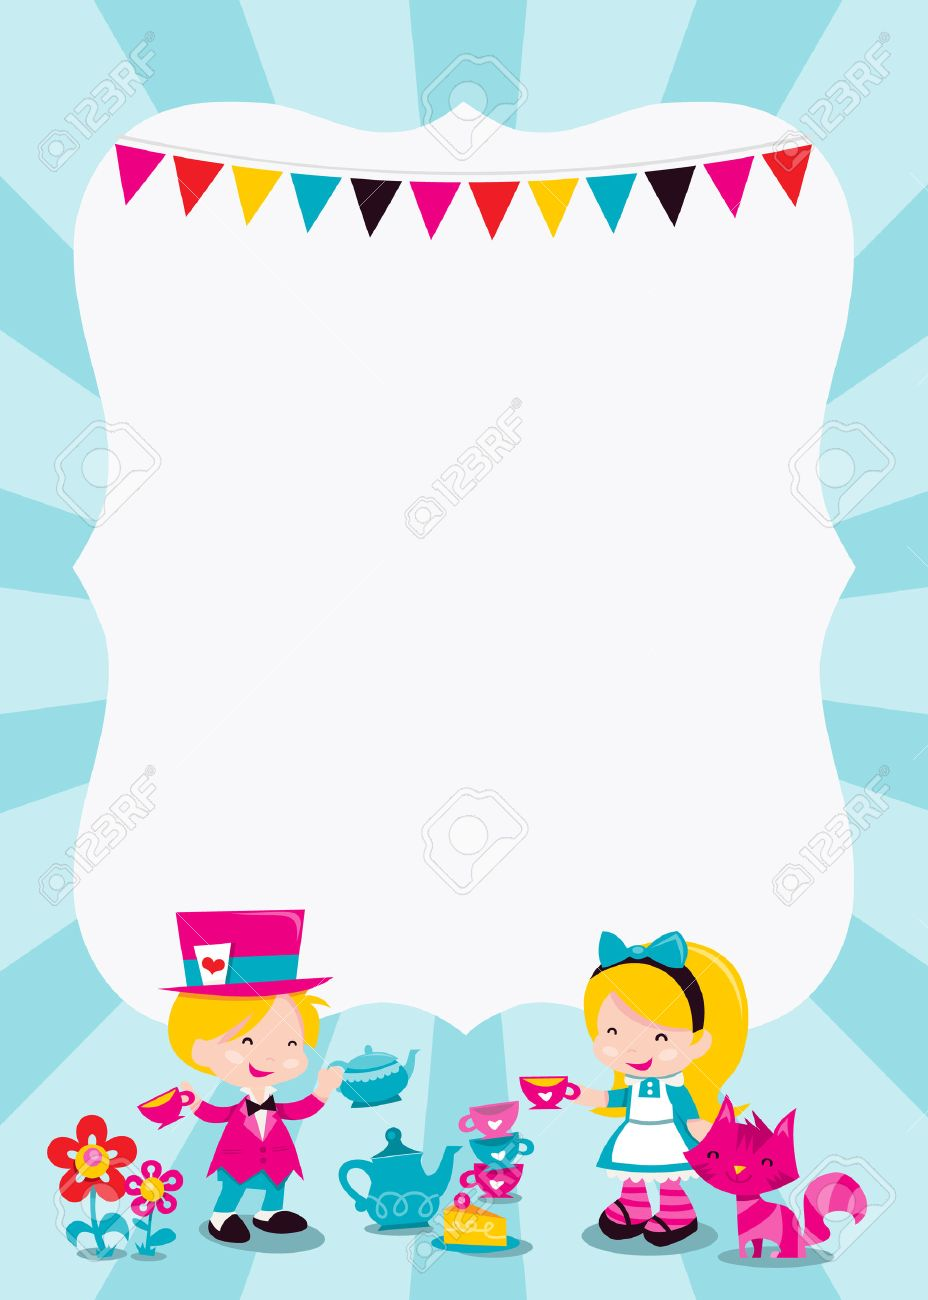 漫画ベクトル イラスト カラフルな気まぐれなレトロのアリスのワンダーランドのテーマ コピー スペース アリス マッドハッターとチェシャ猫とお茶会 を持っていると 子供のパーティの招待状またはテーマのイベントに最適です のイラスト素材 ベクタ Image